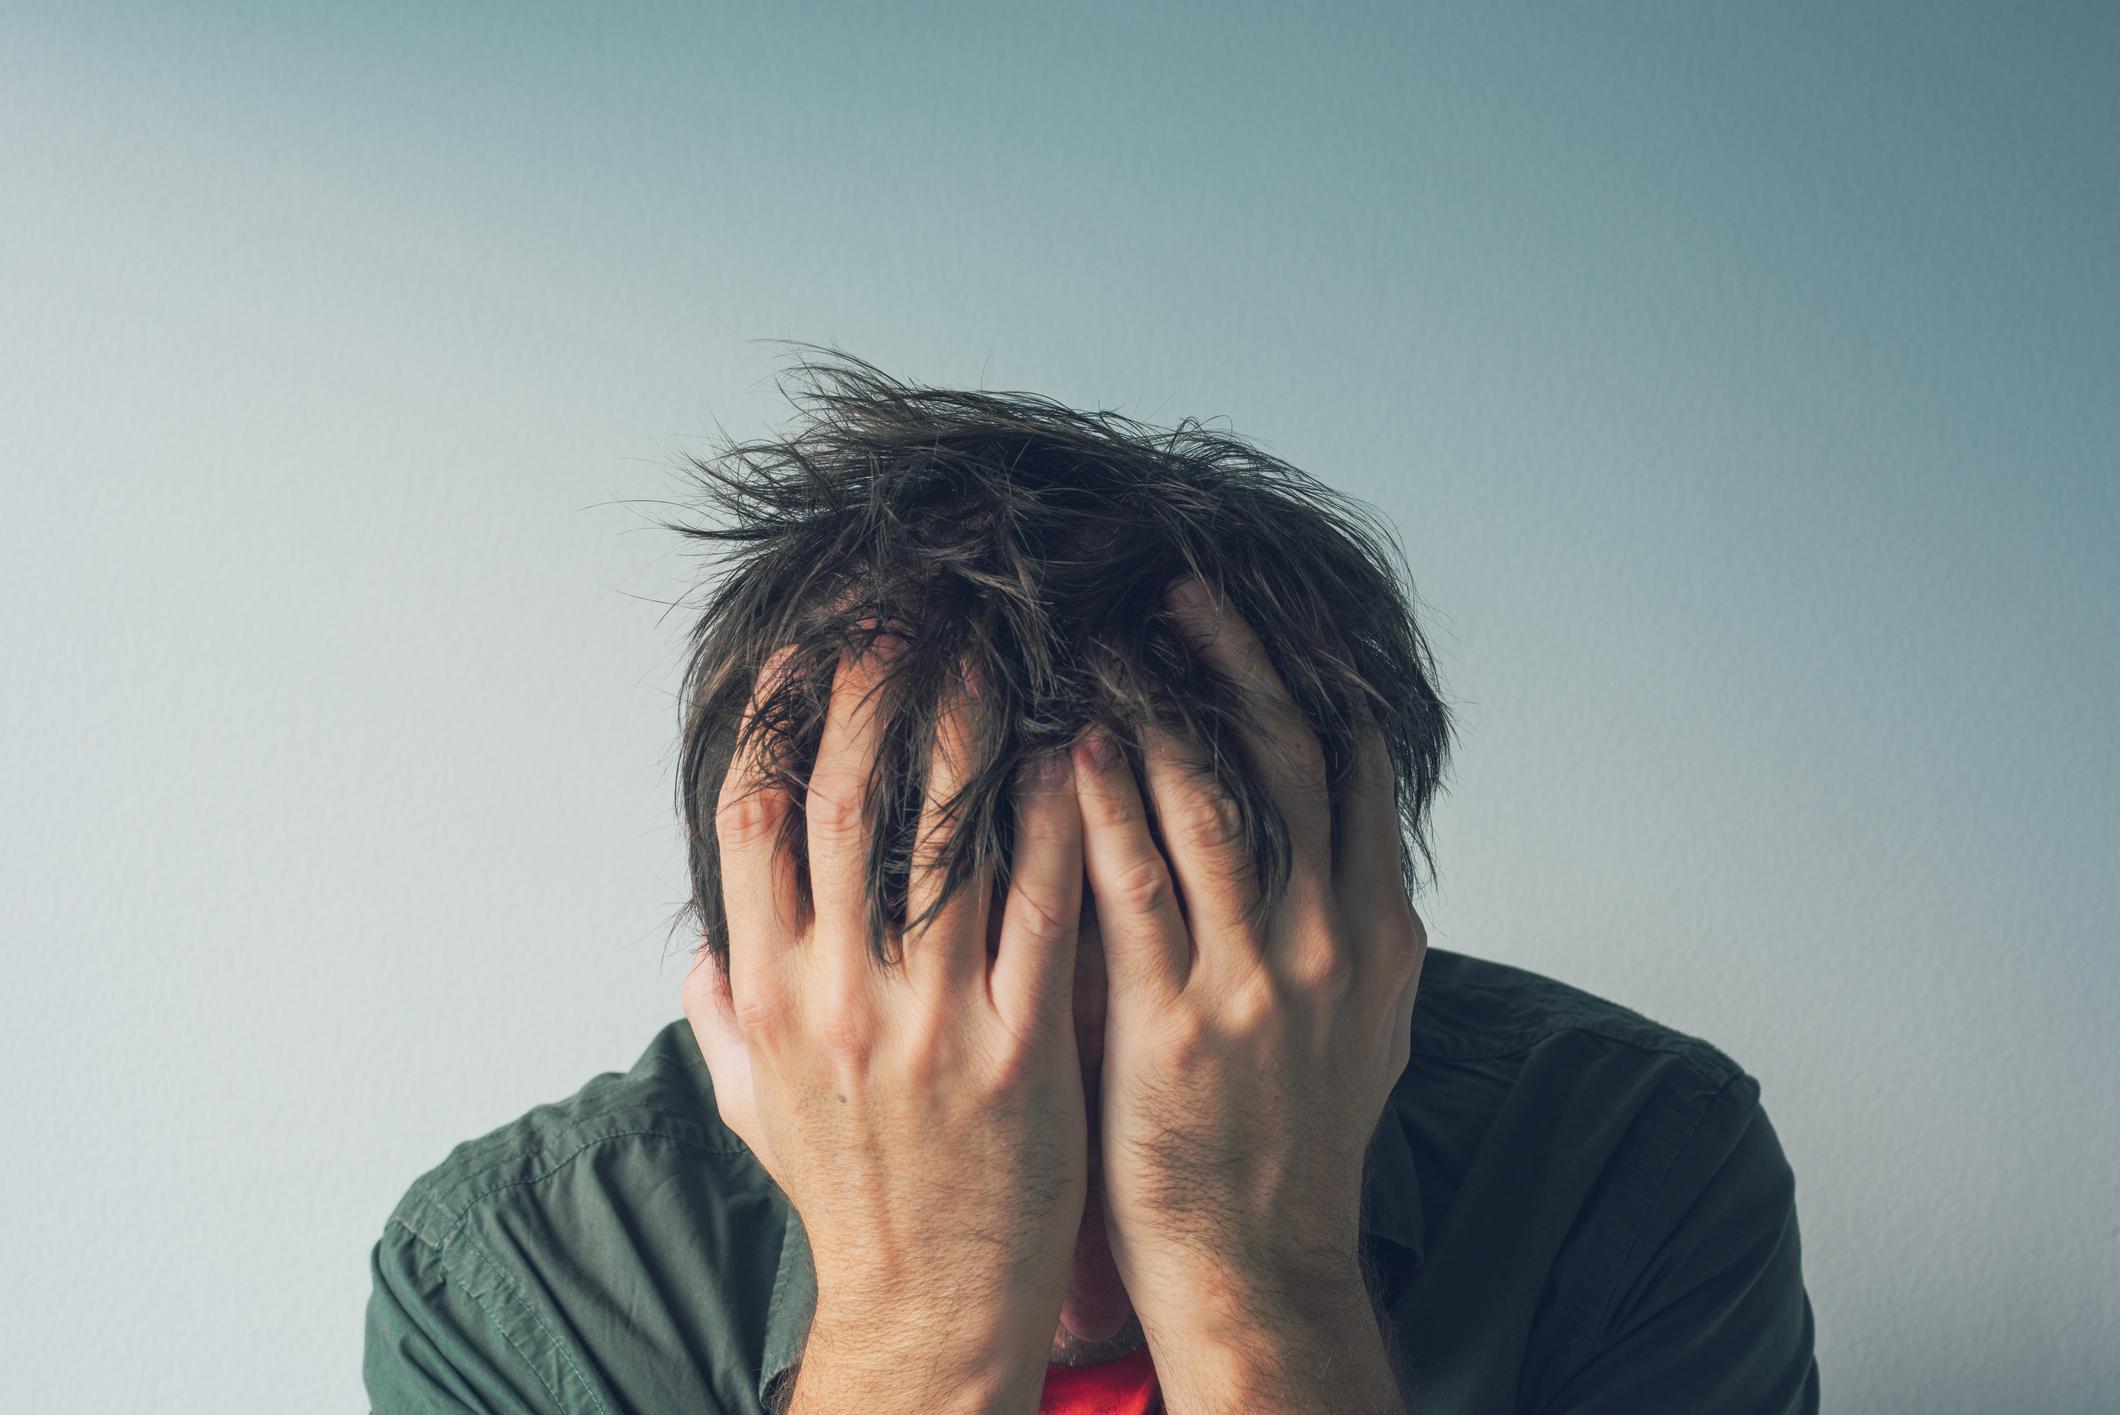 خجالت و شرم پس از حسادت، از خود حسادت خطرناک تر است! 😥